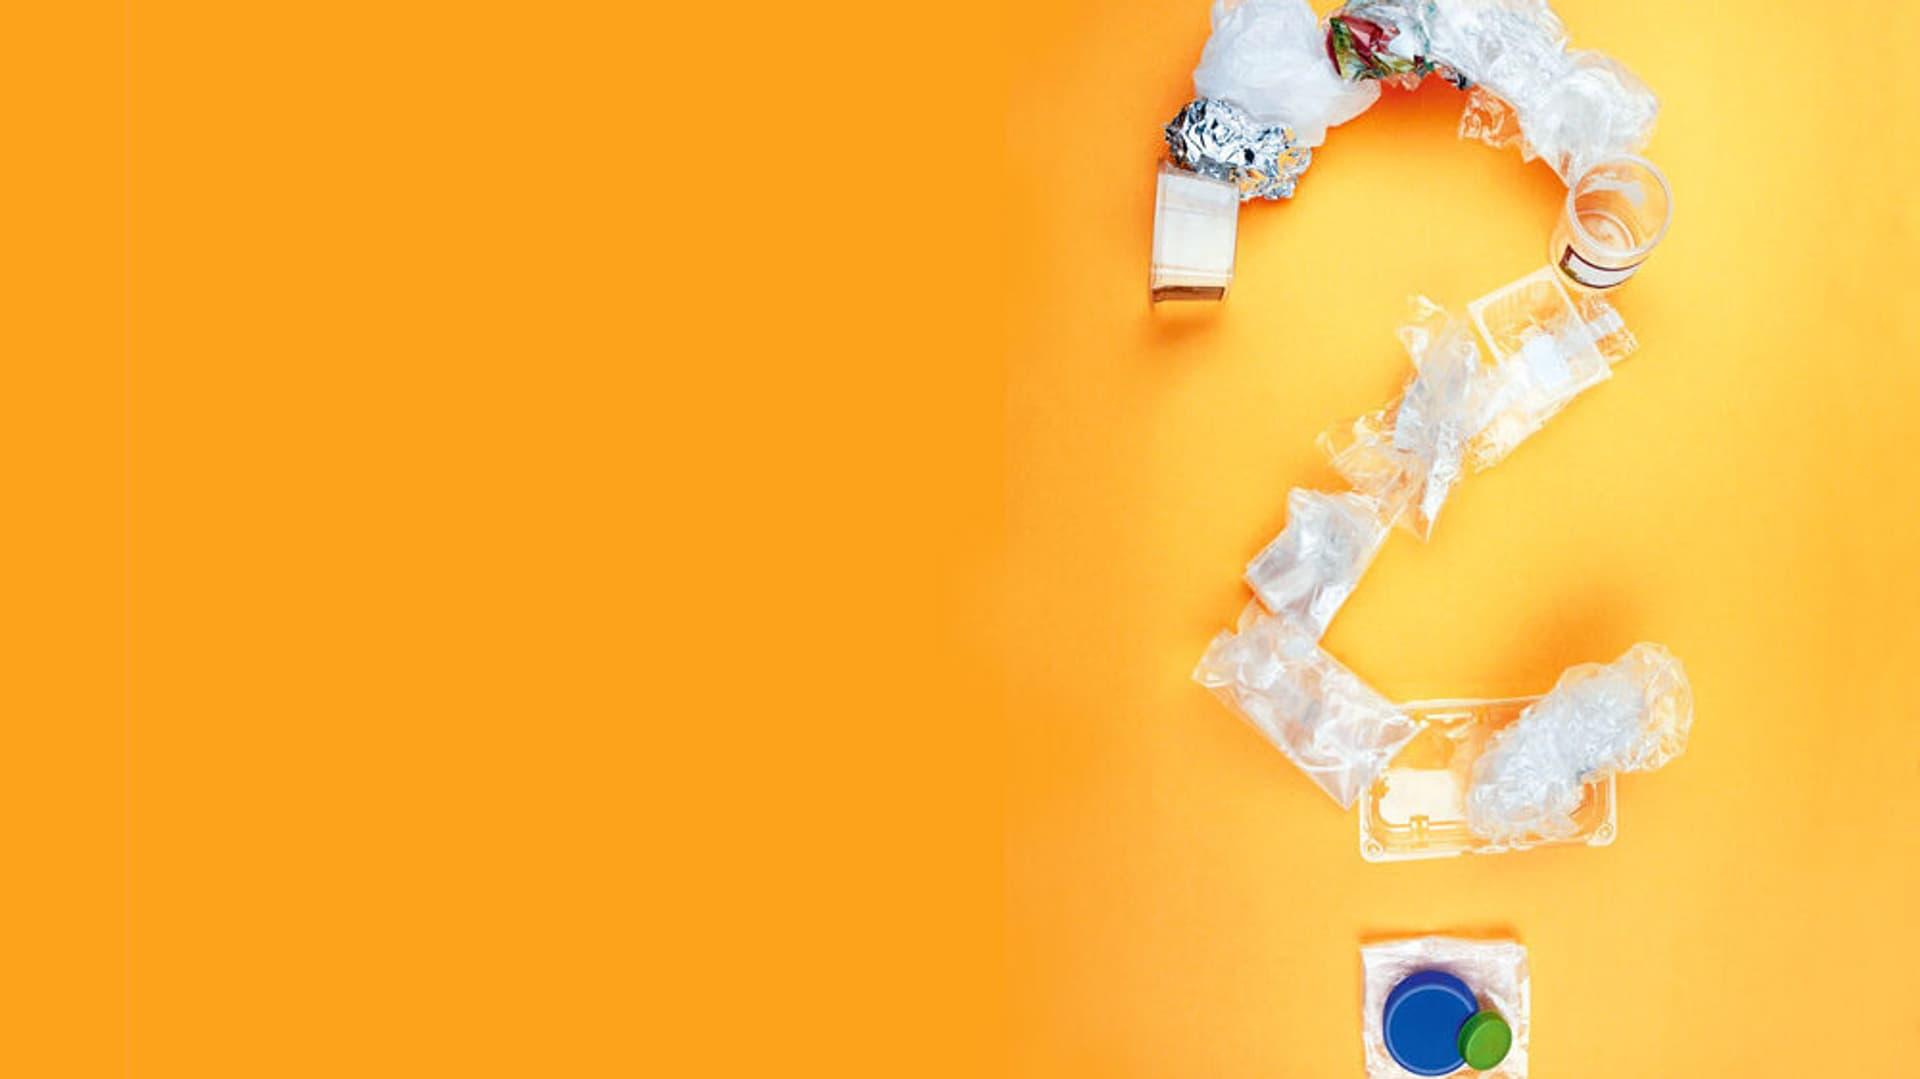 Plastikmuell zu einem Fragezeichen zusammengelegt